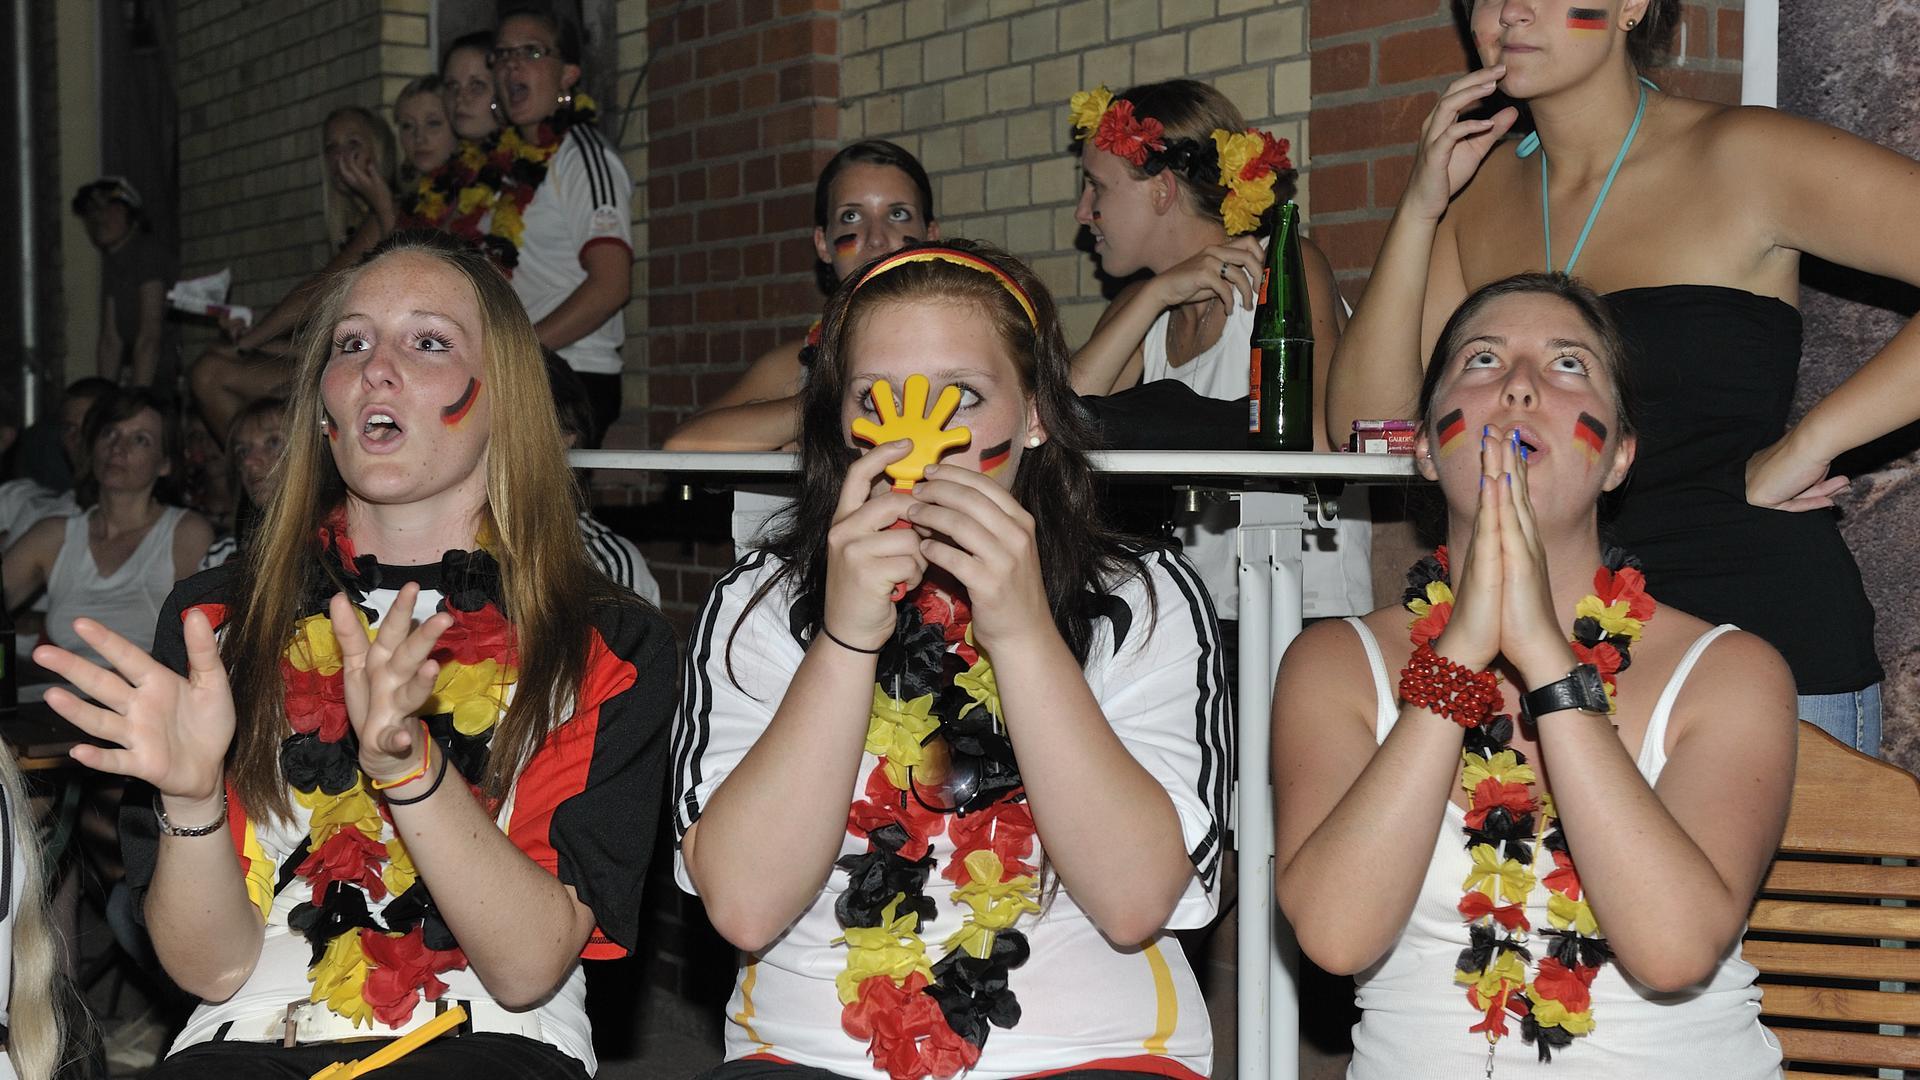 Frauen mit Fußball-Fanutensilien und deutschen Farben